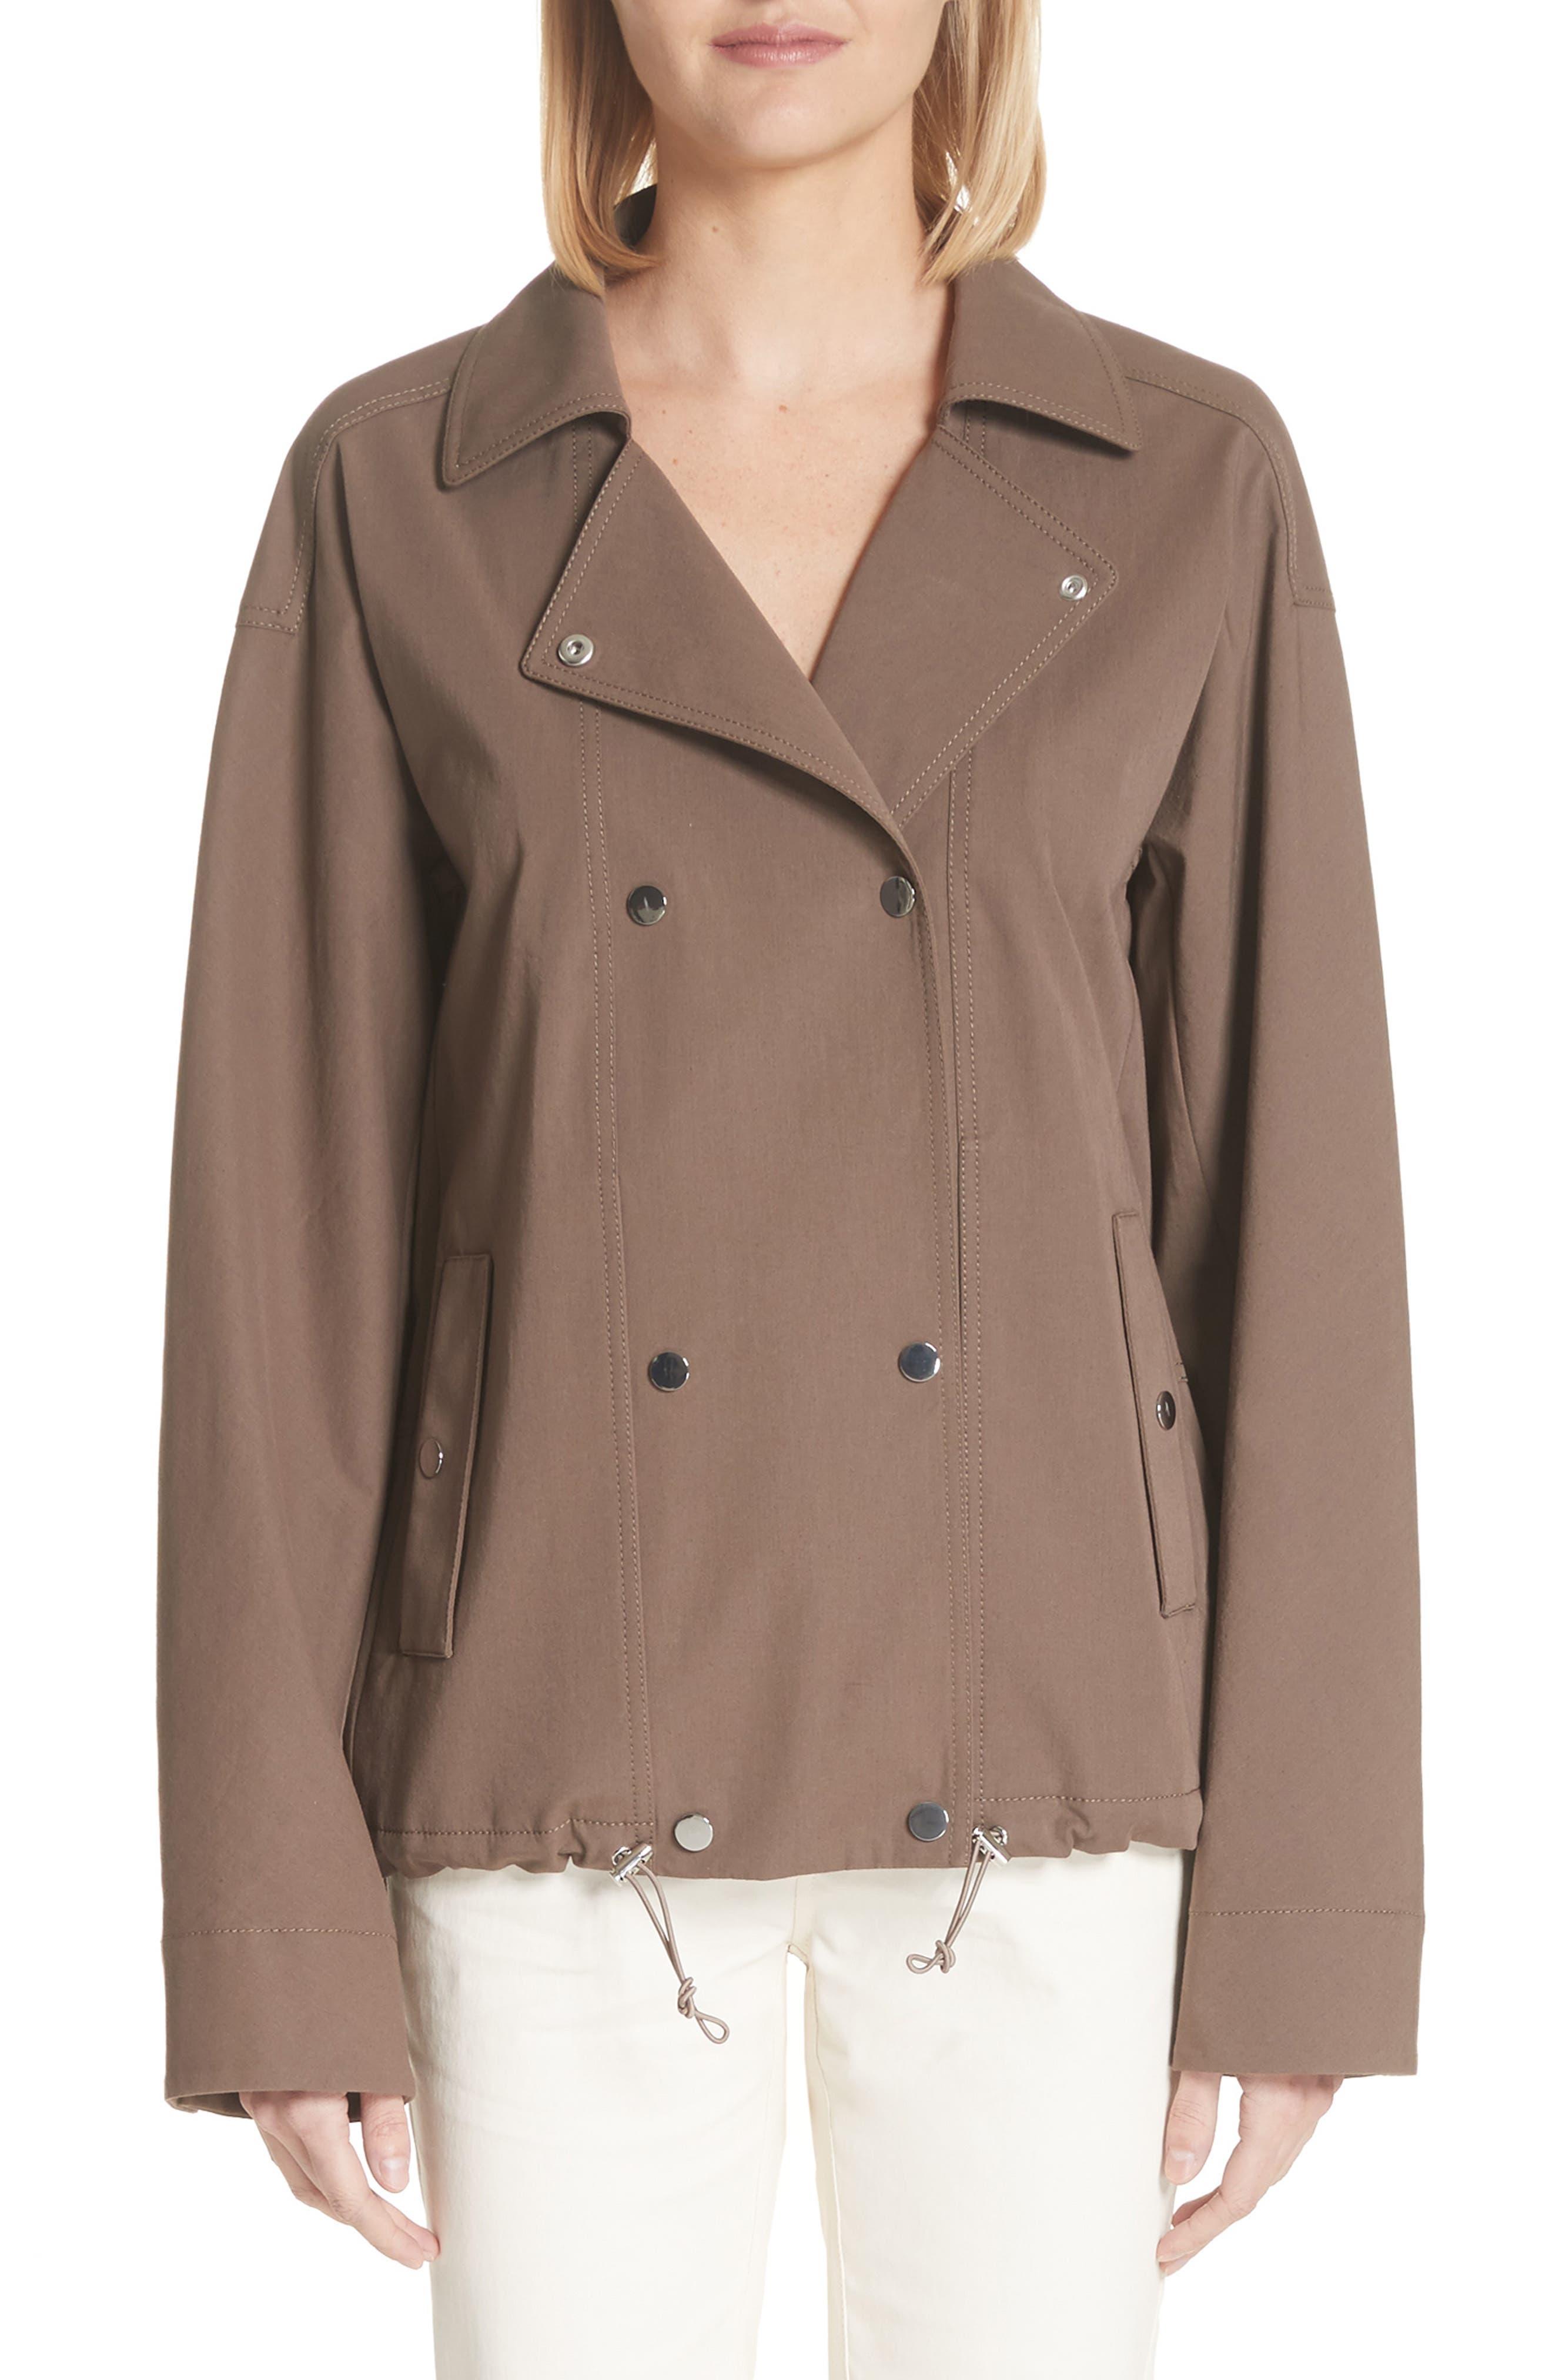 Maxton Jacket,                             Main thumbnail 1, color,                             Nougat